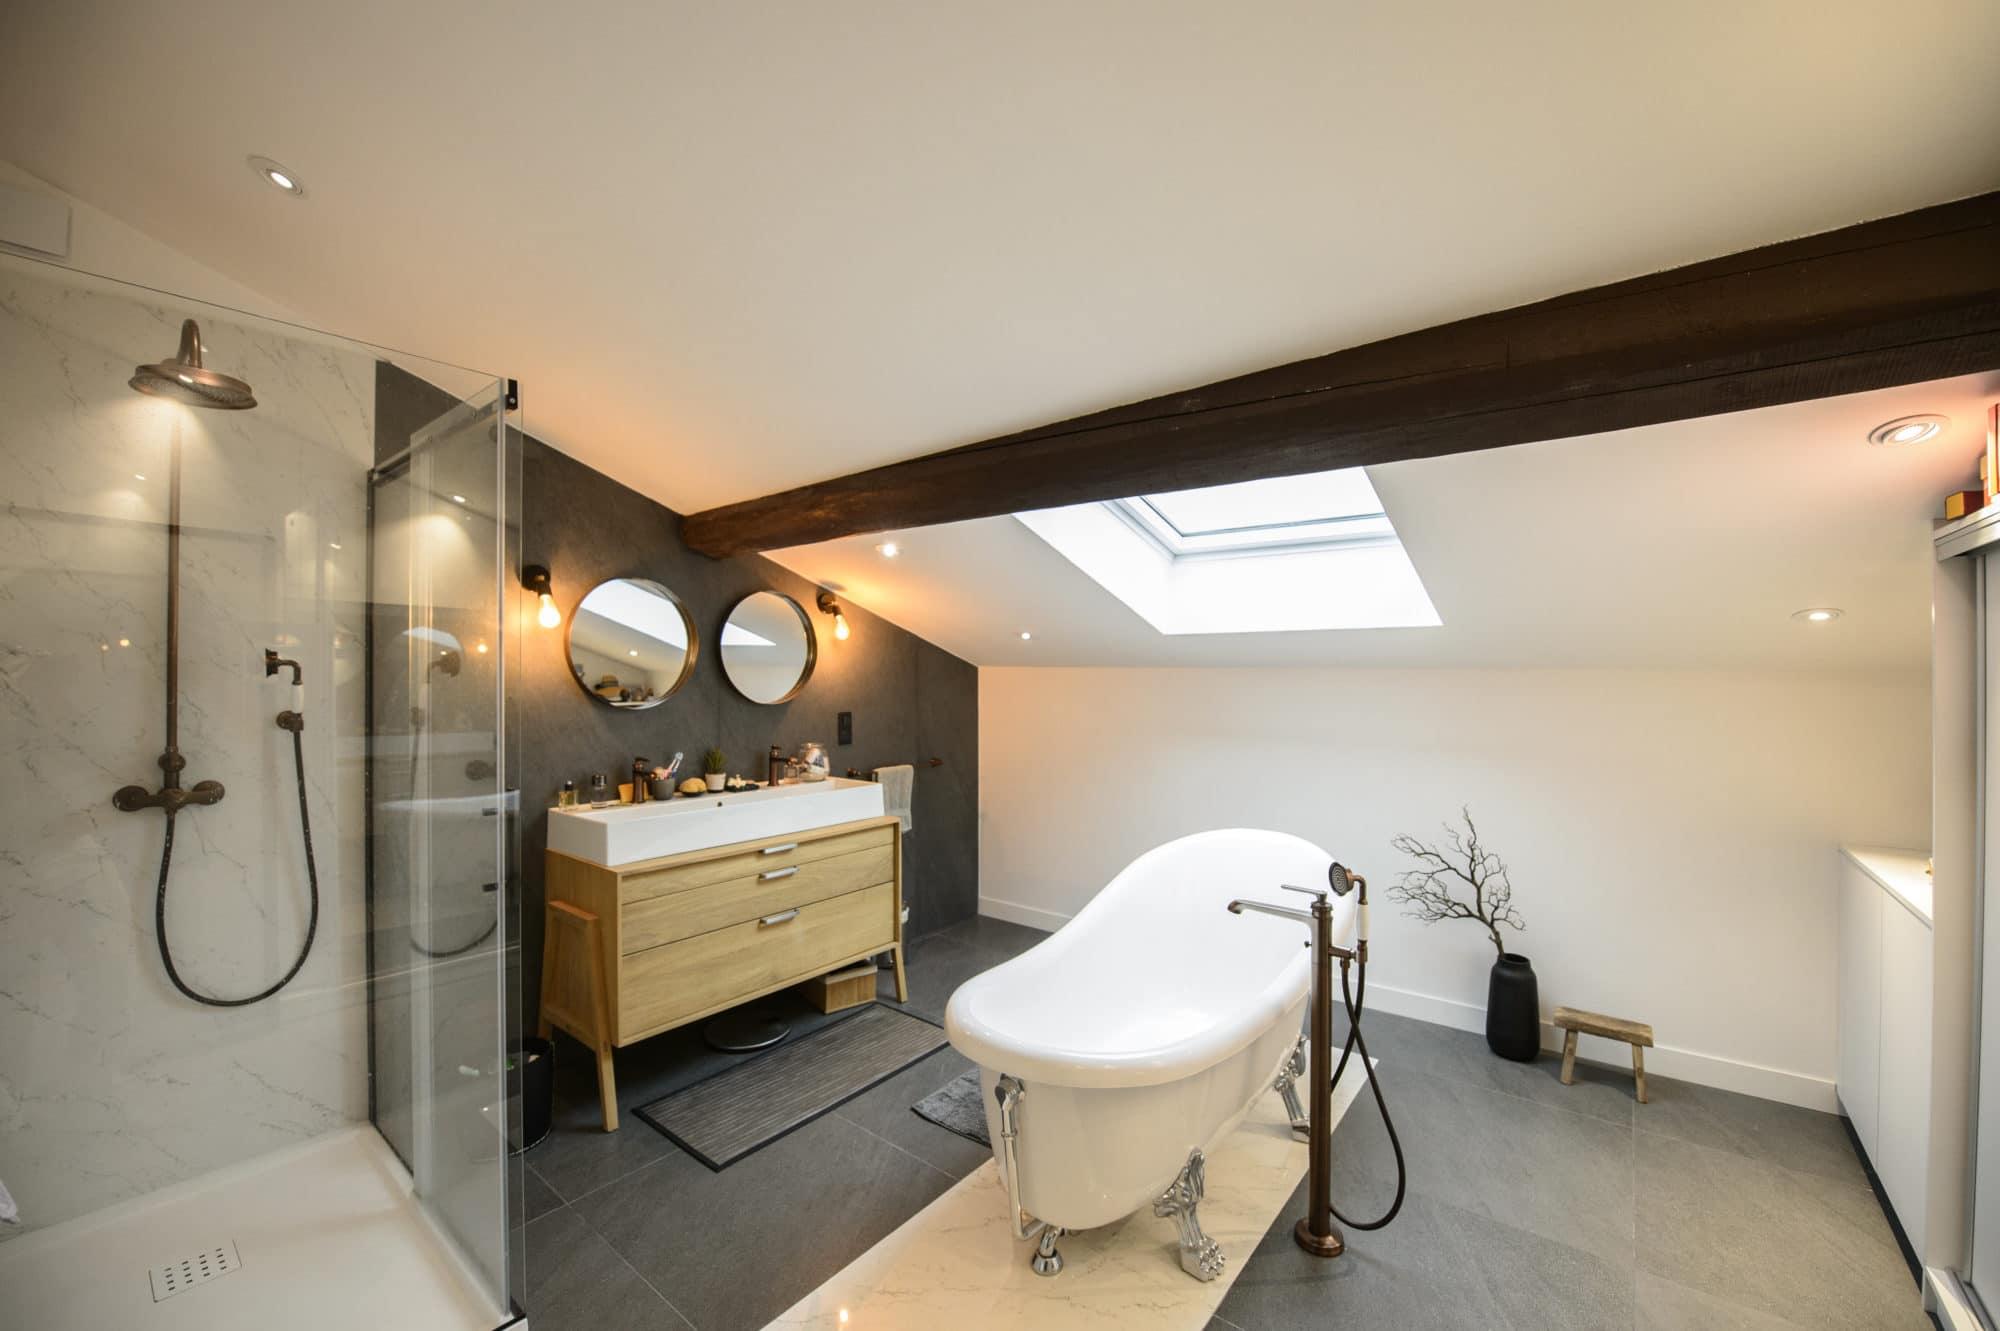 Salle de bain gratentour lmcs la maison du carrelage - Showroom salle de bain toulouse ...